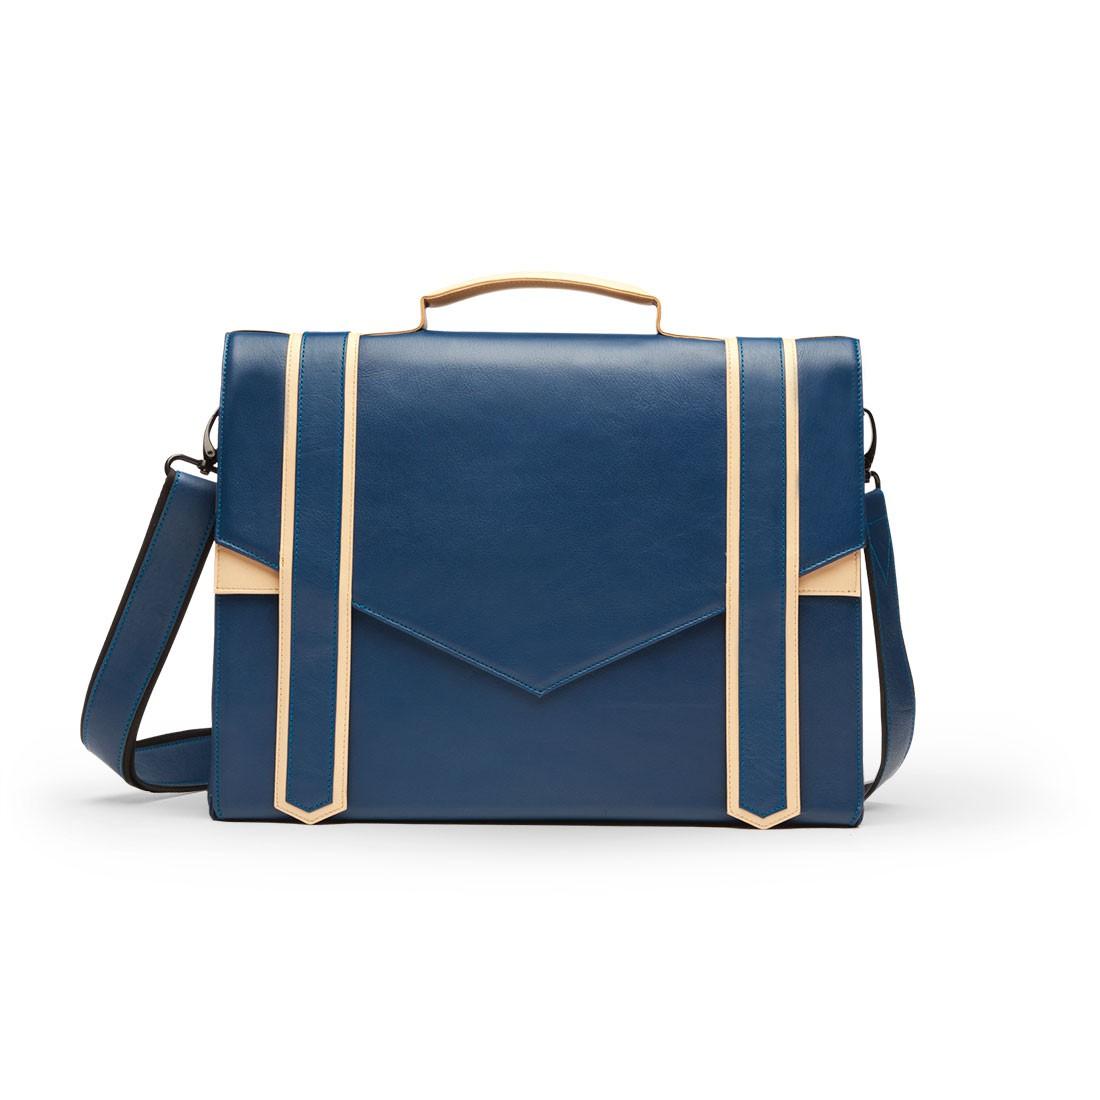 Sac A Main Cartable Cuir Noir : Sac cartable en cuir bleu et beige carokhoto sacs ?